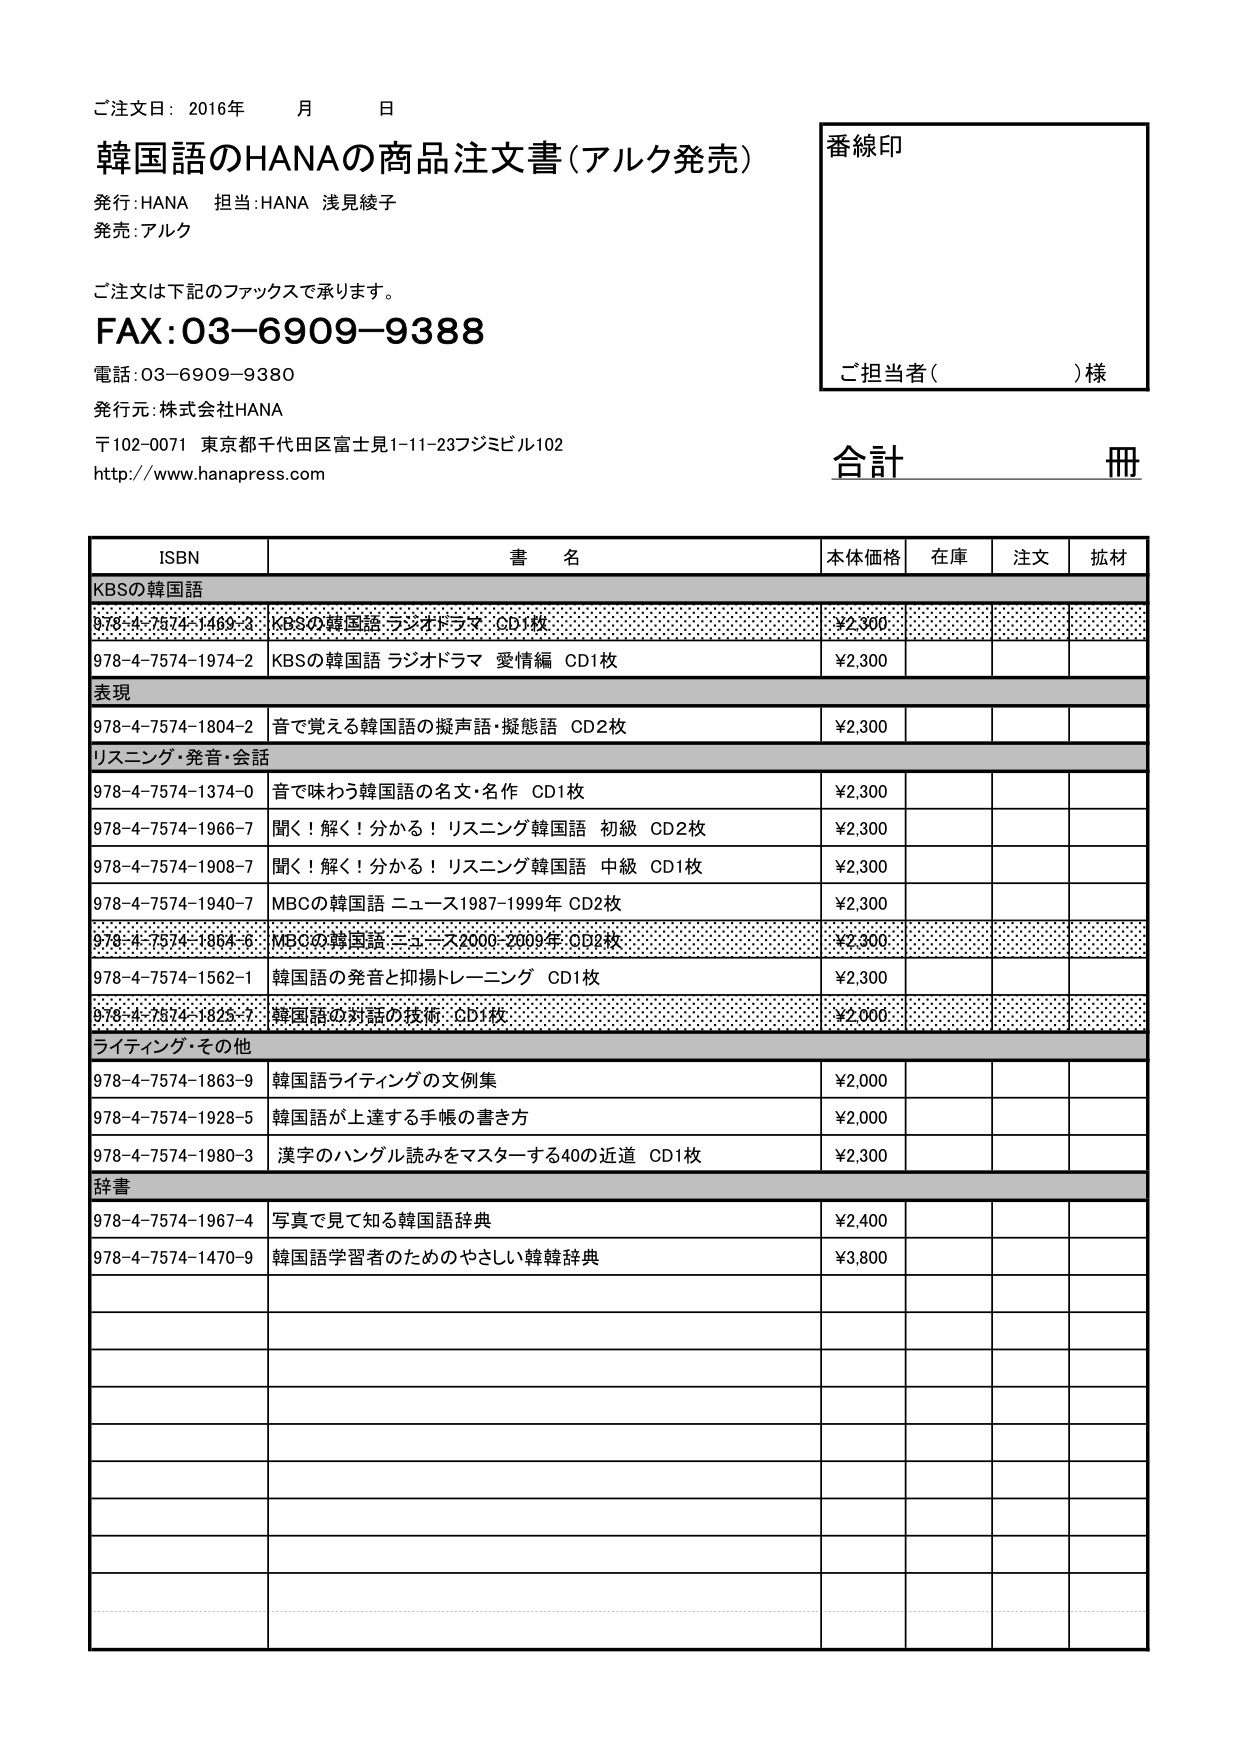 201512注文書一覧 (アルク)